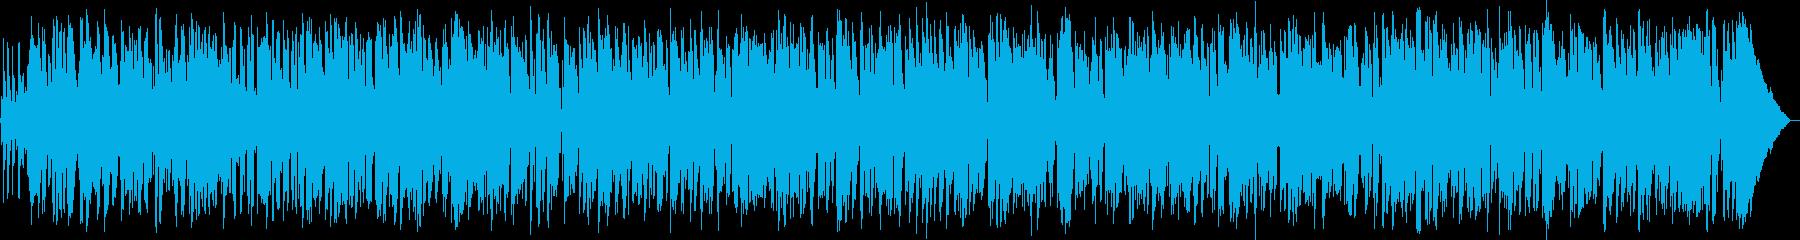 お洒落なカフェ風ギターボサノバの再生済みの波形